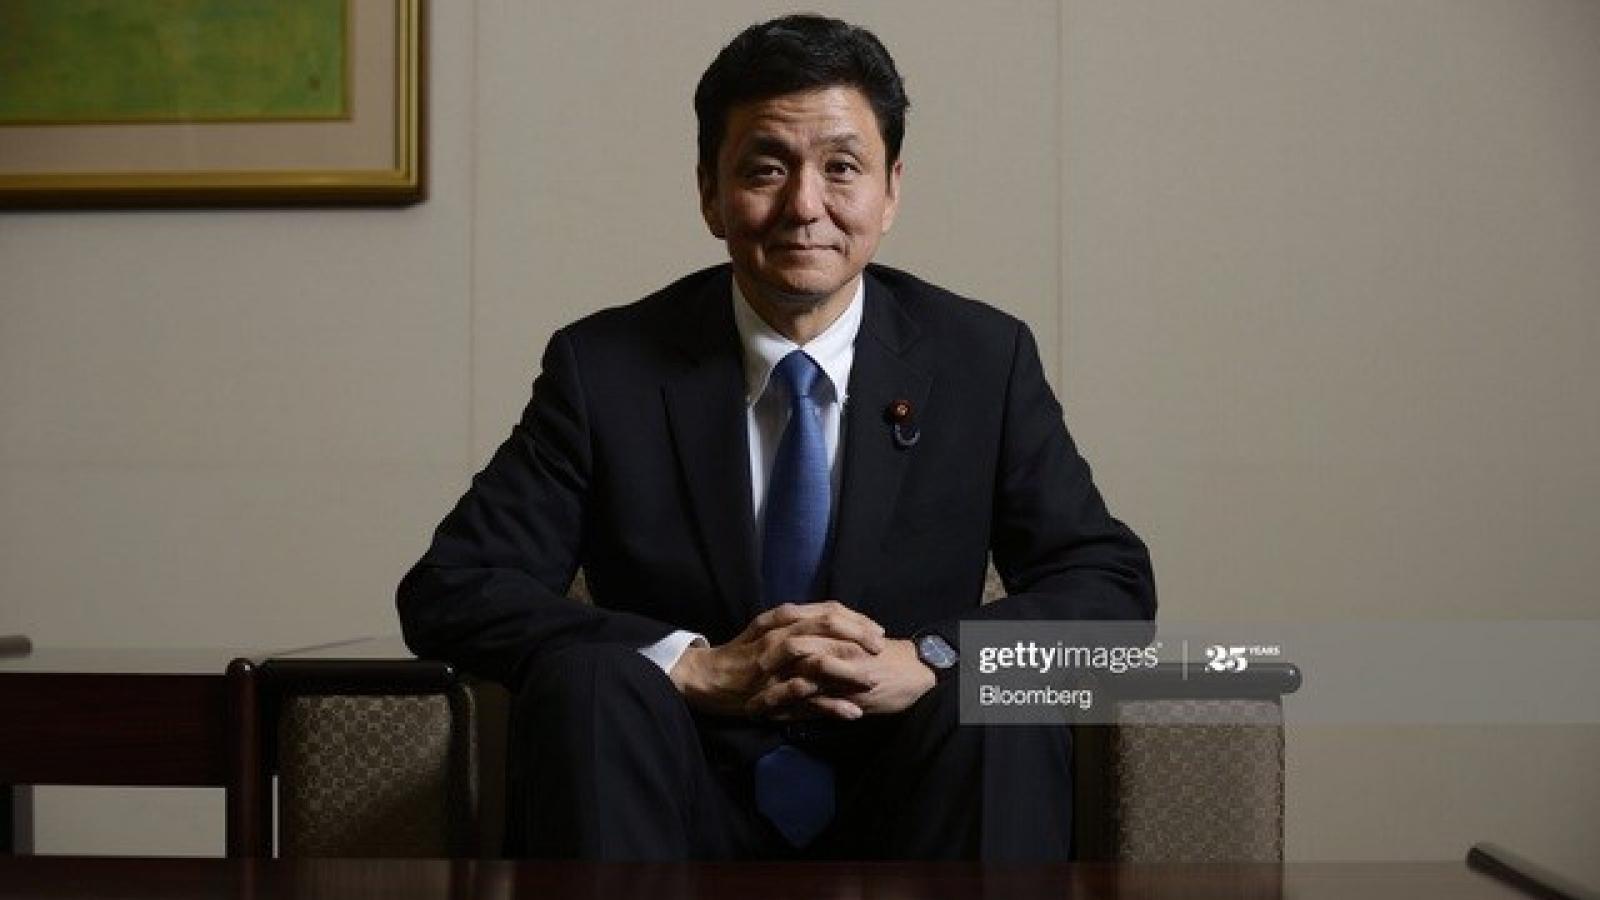 Nhật Bản bày tỏ lo ngại vấn đề Biển Đông tại Hội nghị Bộ trưởng Quốc phòng ASEAN